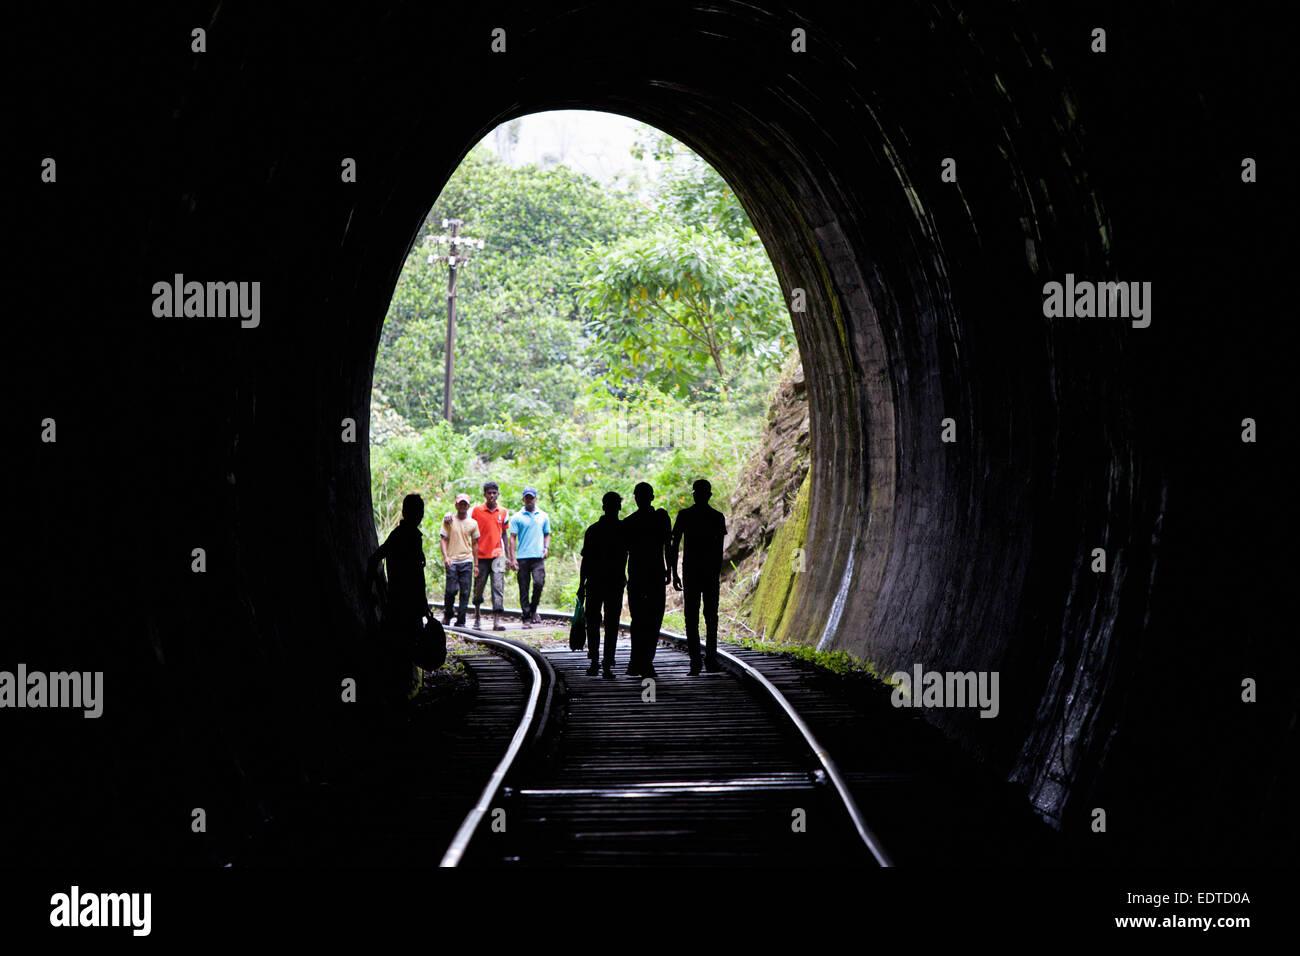 SRI LANKAN PEOPLE WALKING THROUGH TRAIN TUNNEL NEAR ELLA - Stock Image